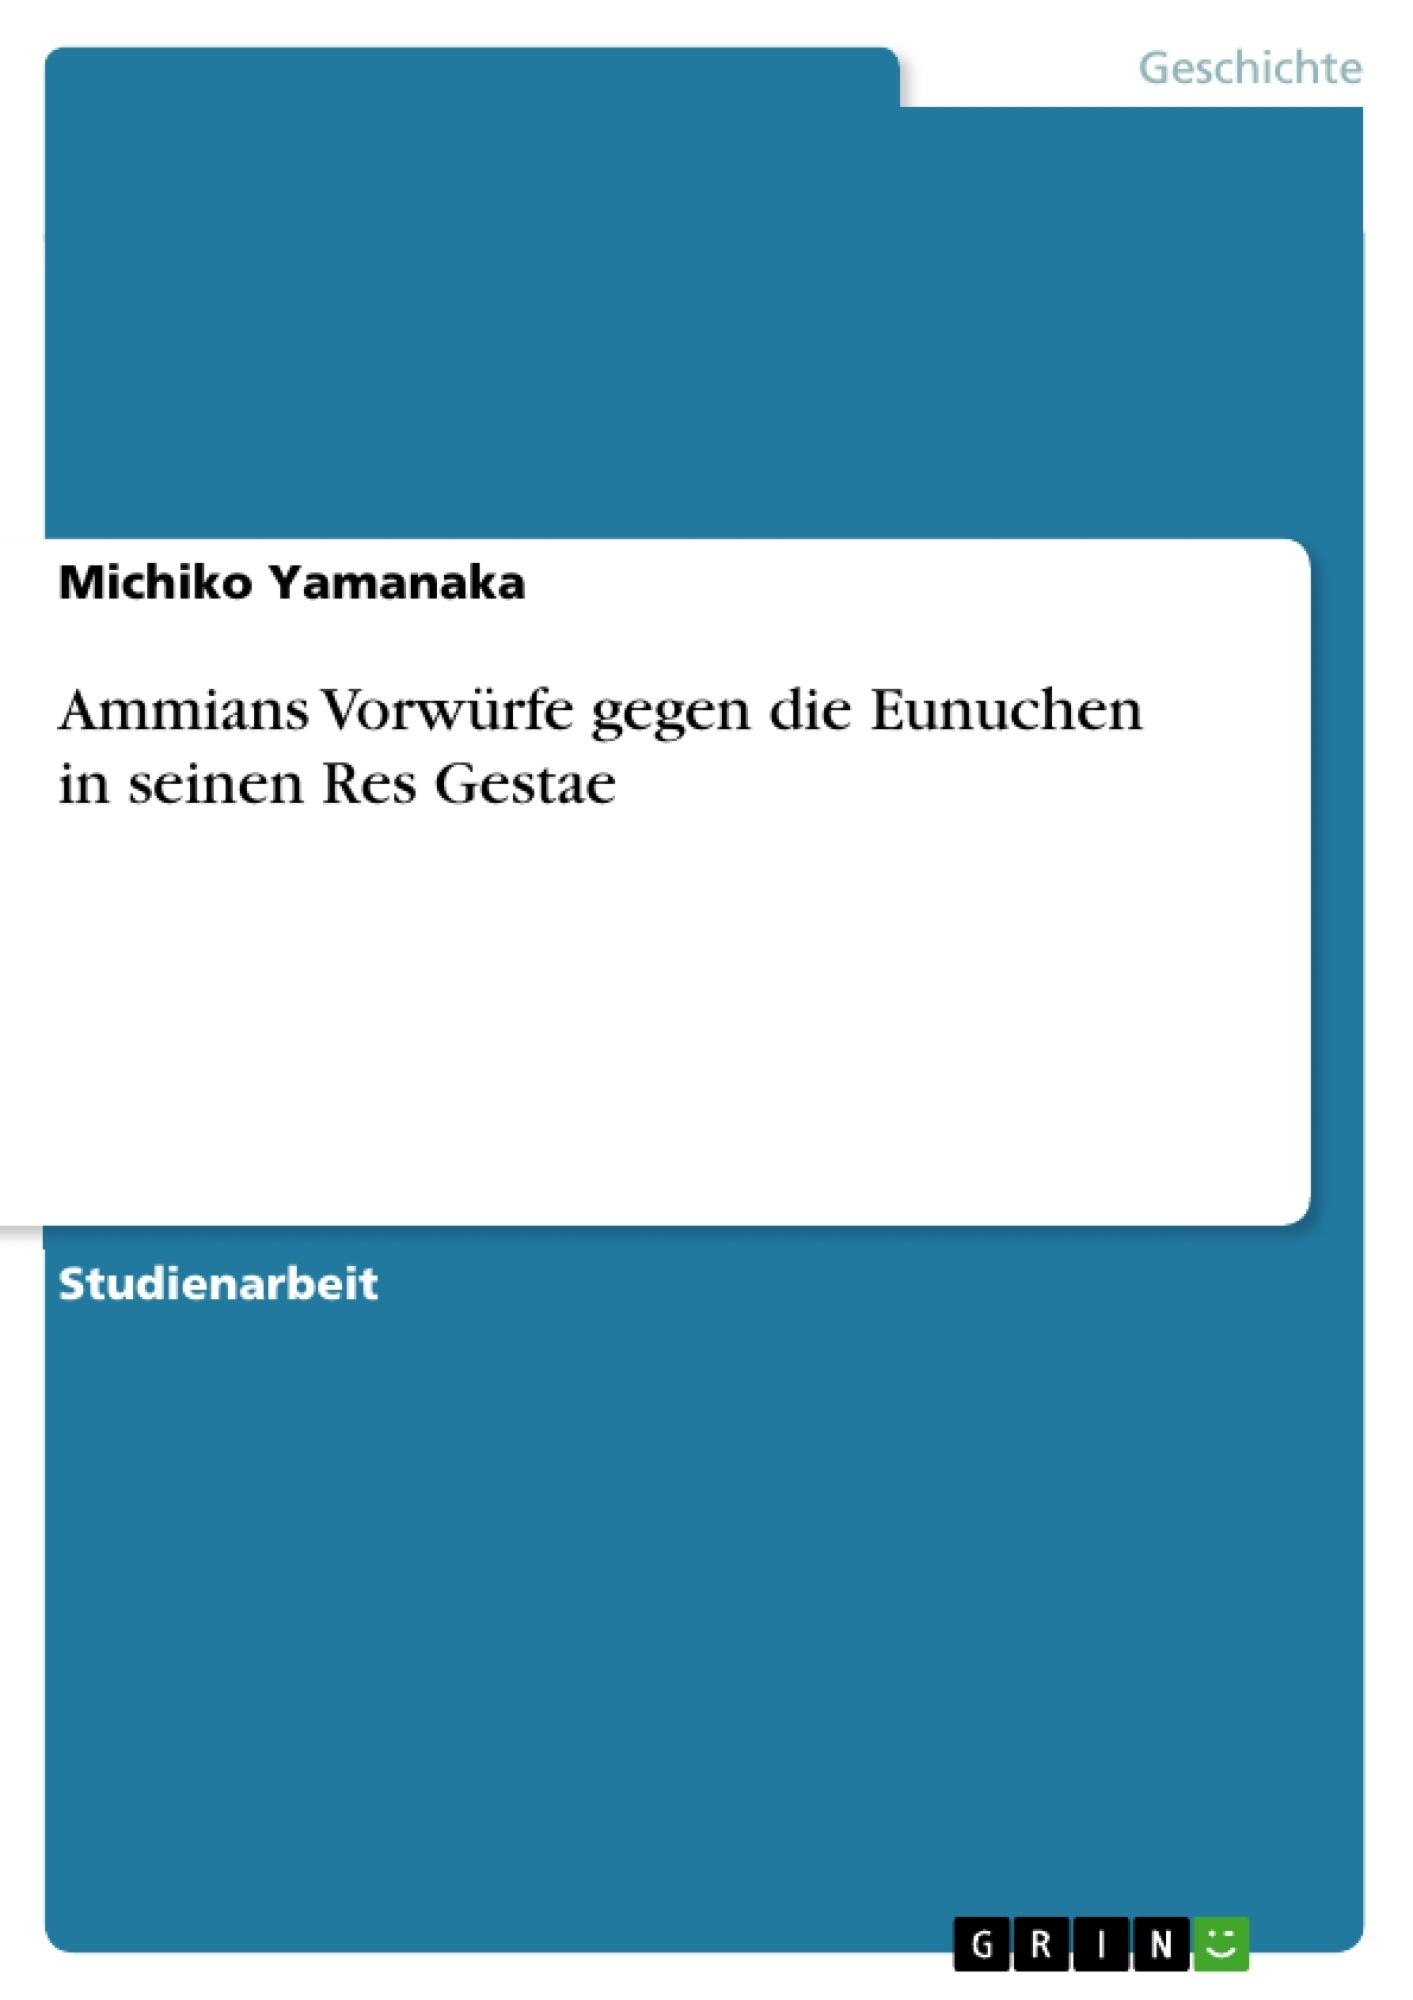 Titel: Ammians Vorwürfe gegen die Eunuchen in seinen Res Gestae